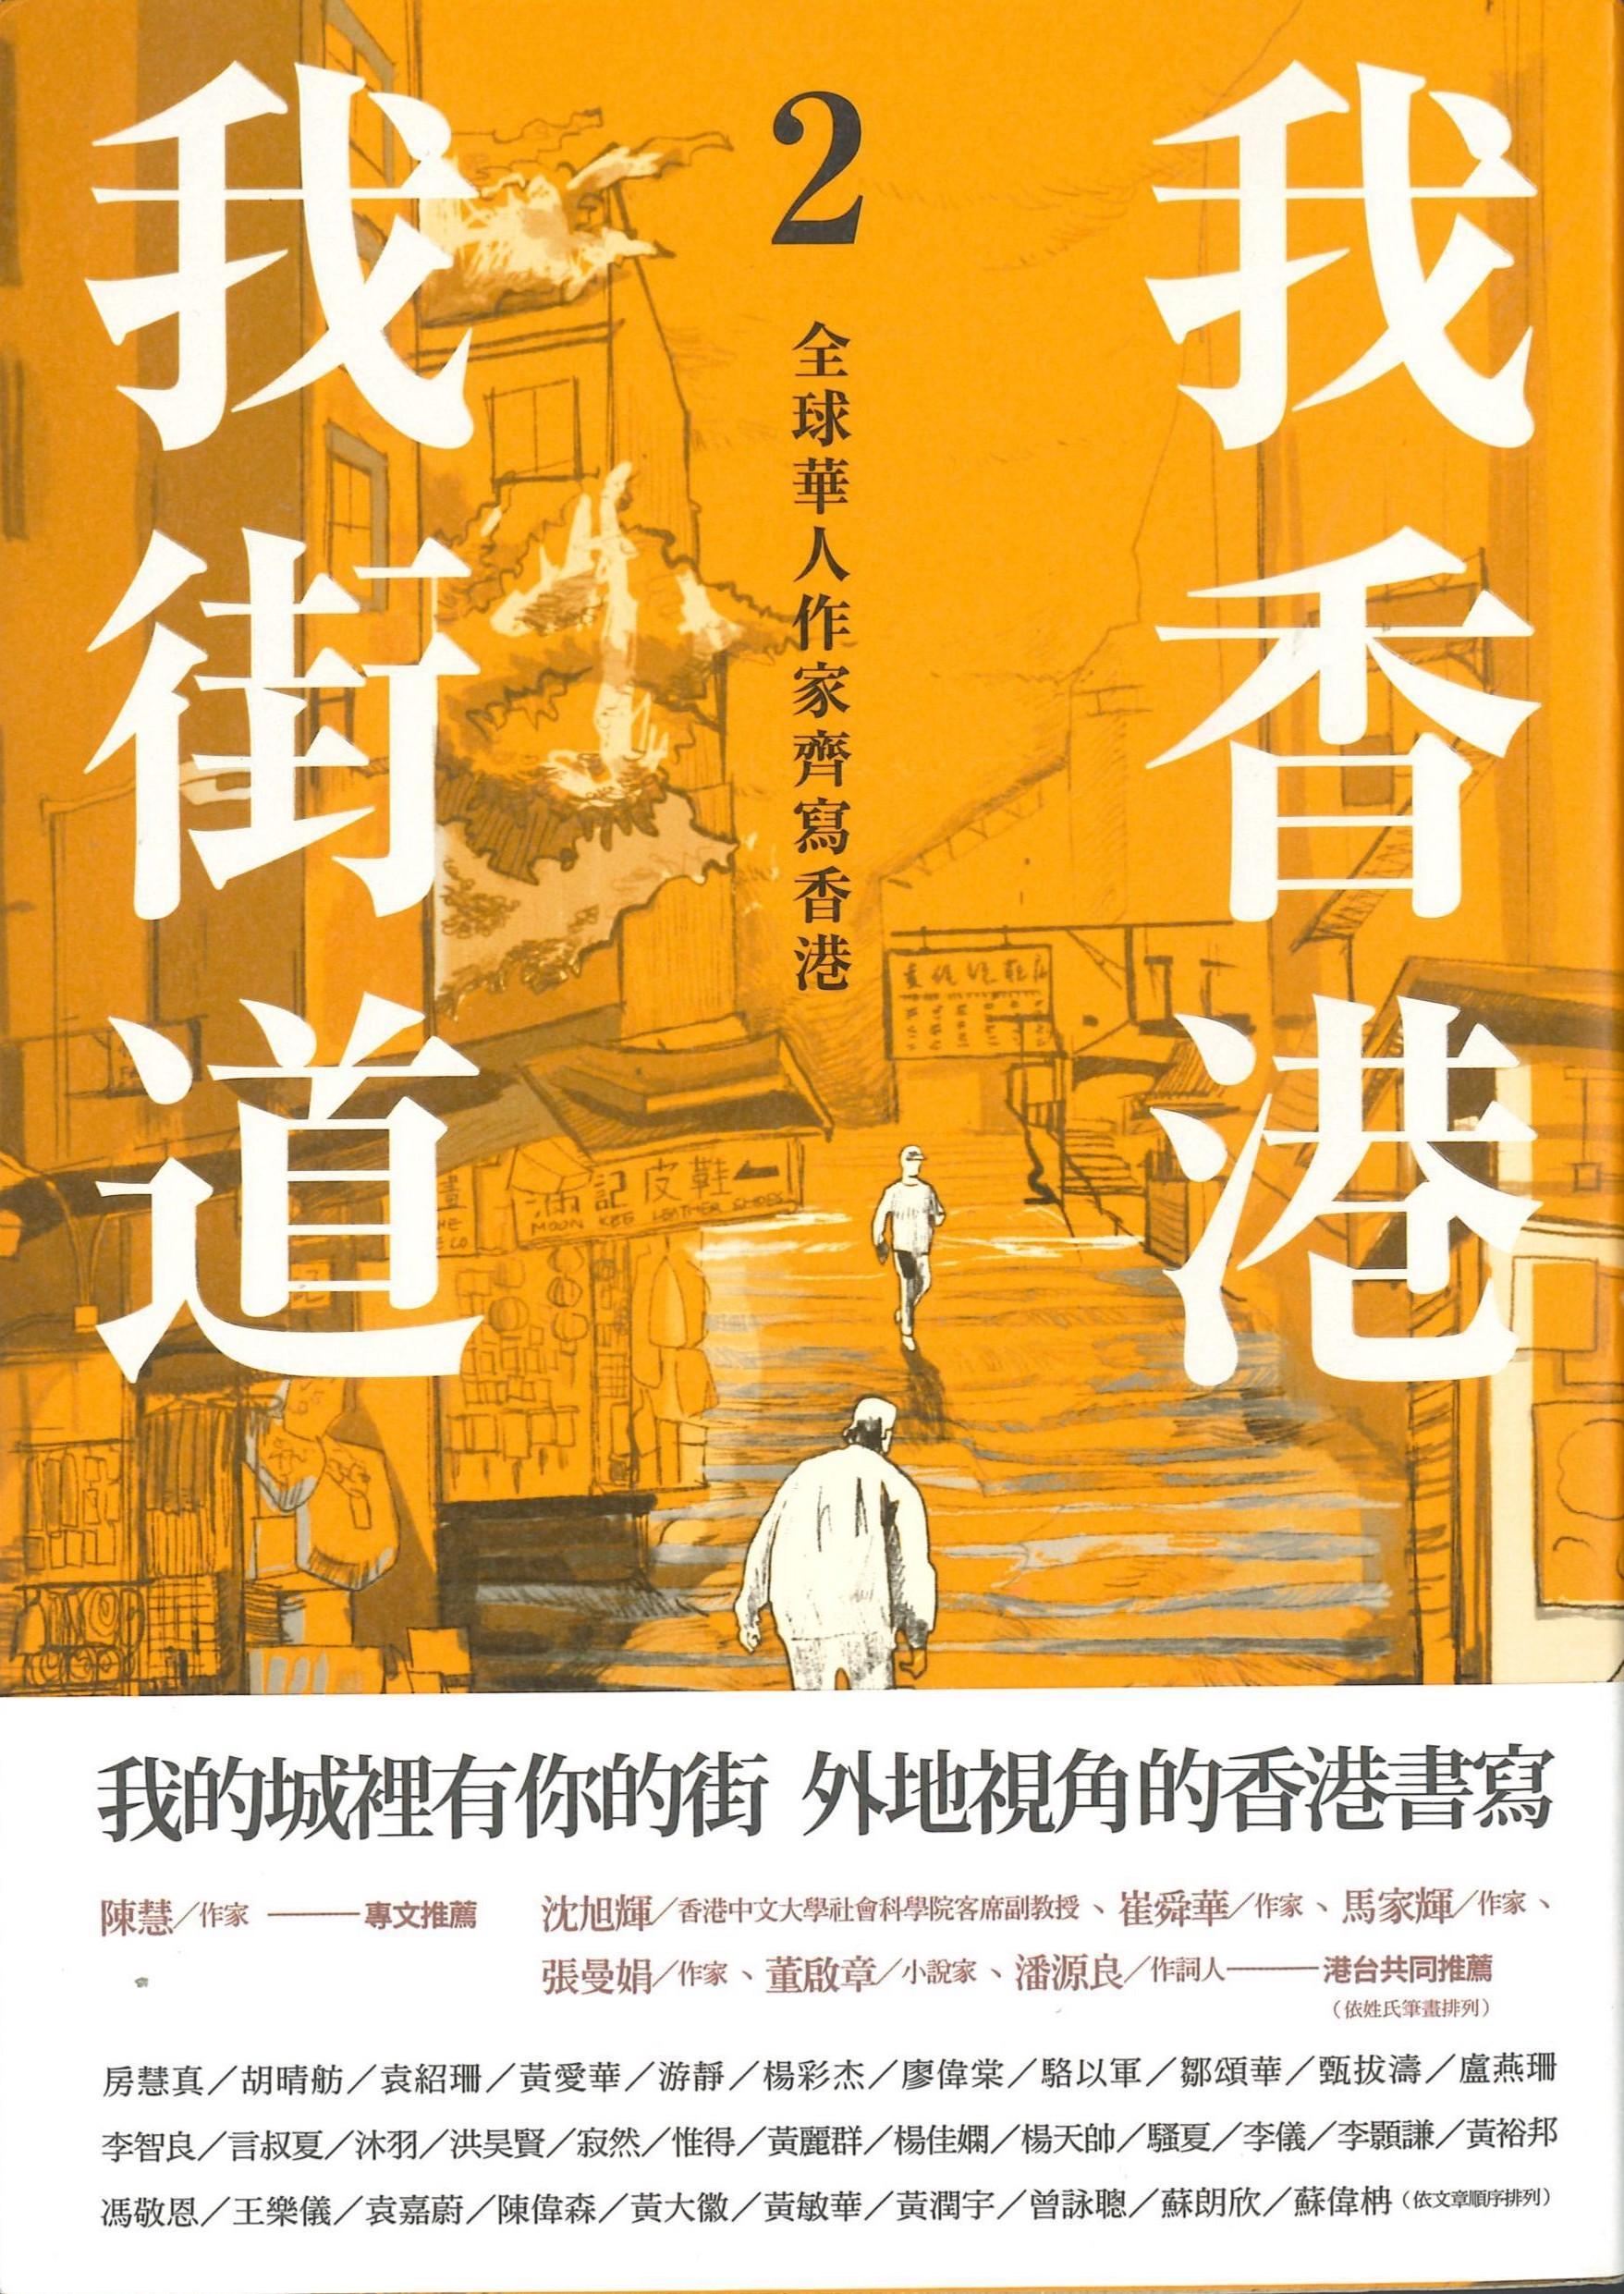 香港人 移民 移民禮物 香港文學館 我香港我街道2 書籍 封面